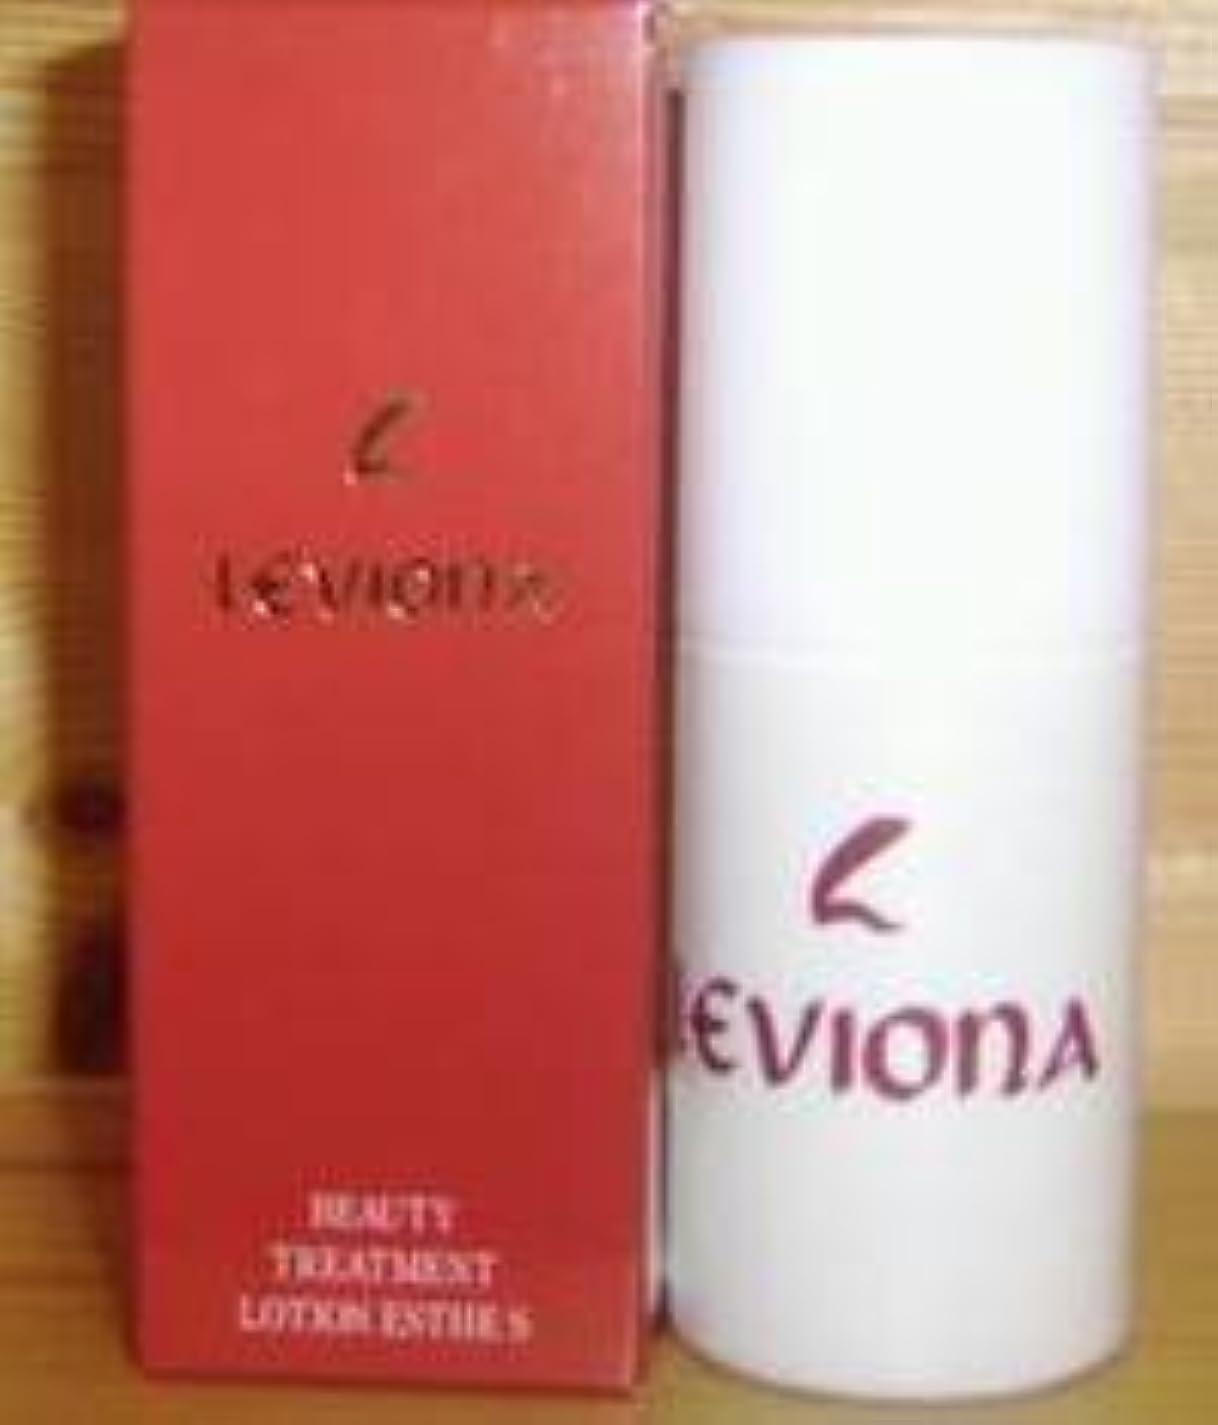 不完全なラフト効果的にレビオナ化粧品 ビュテイトリ-トメントロ-ションエステ